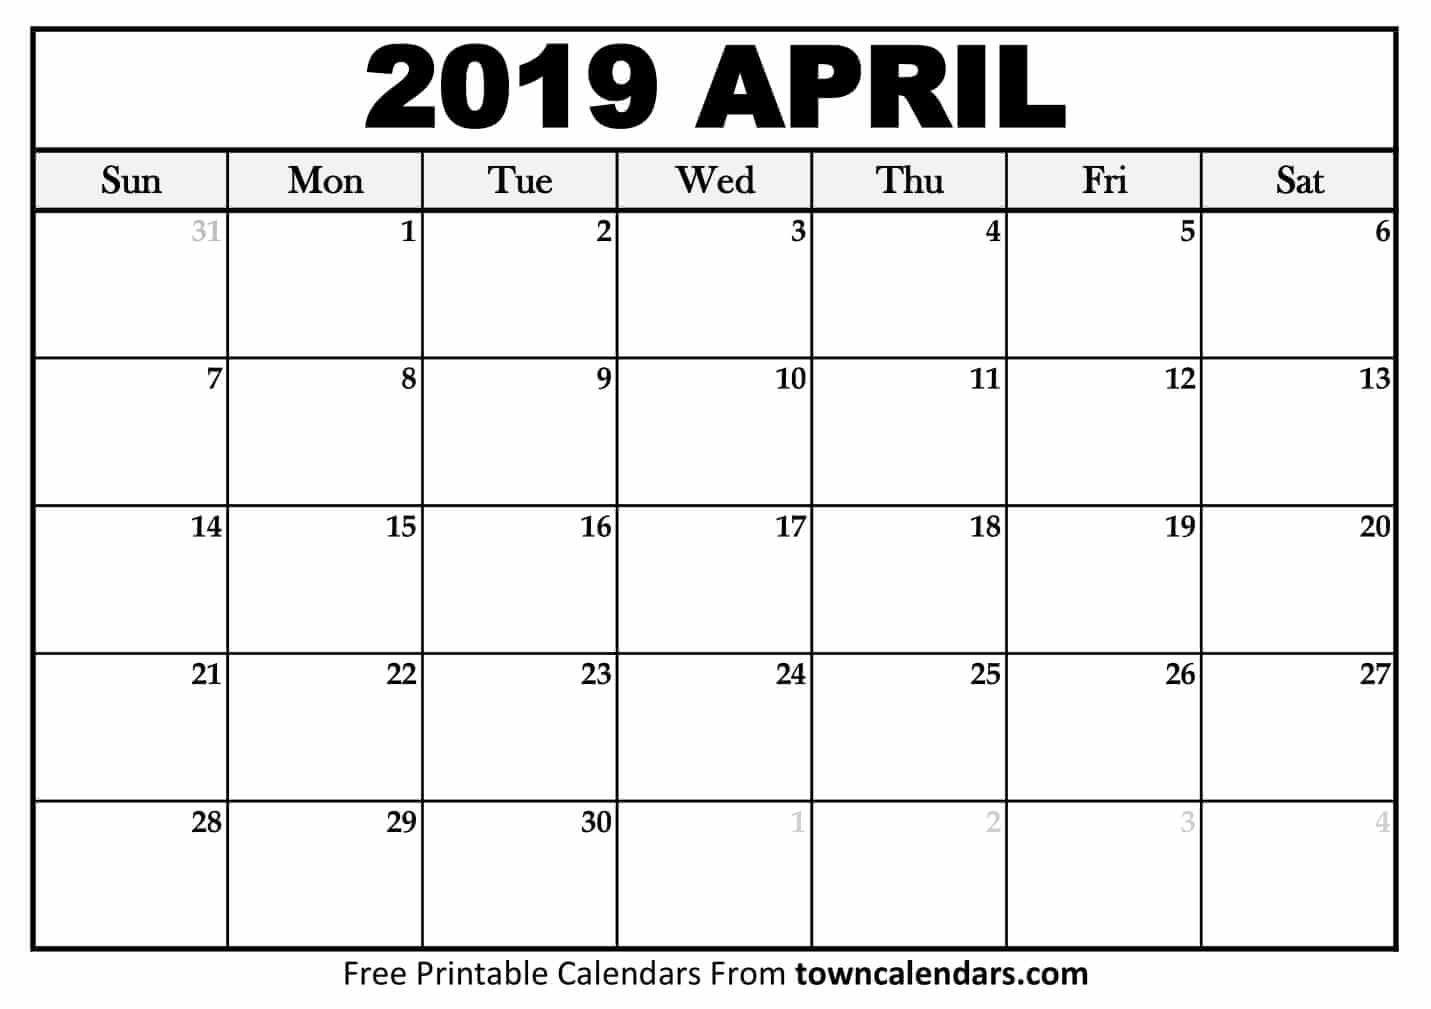 Printable April 2019 Calendar - Towncalendars Calendar April 30 2019